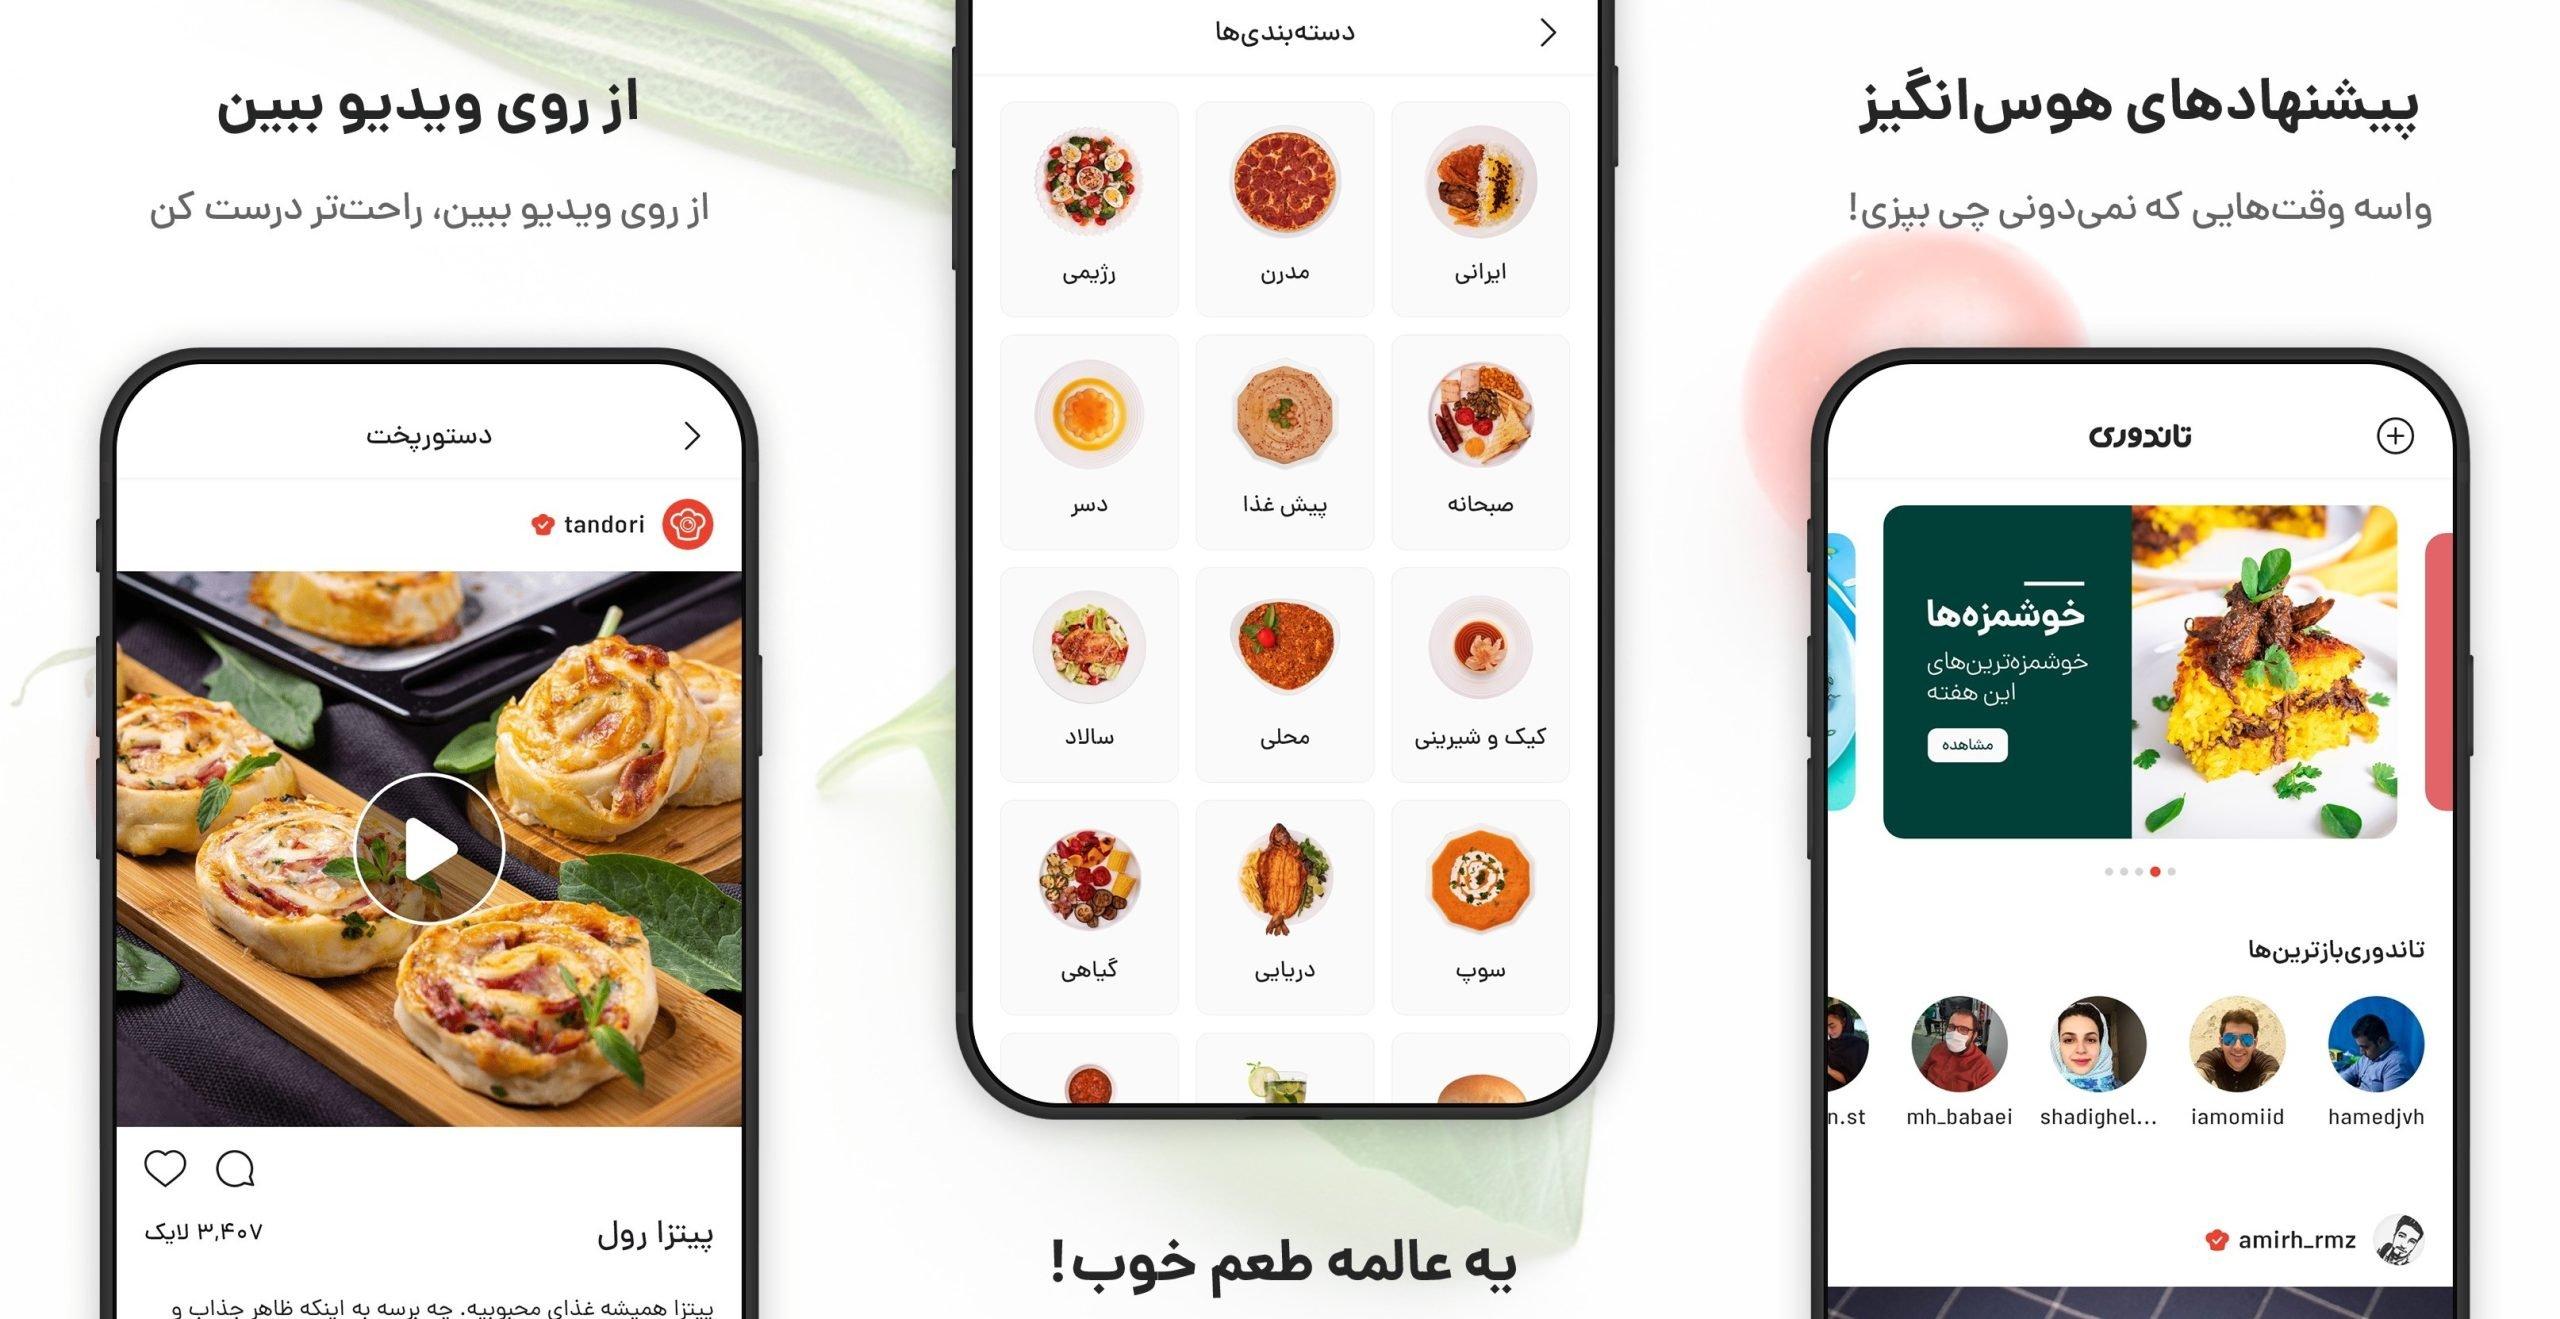 معرفی اپلیکیشن تاندوری؛ آشپزی برای همه